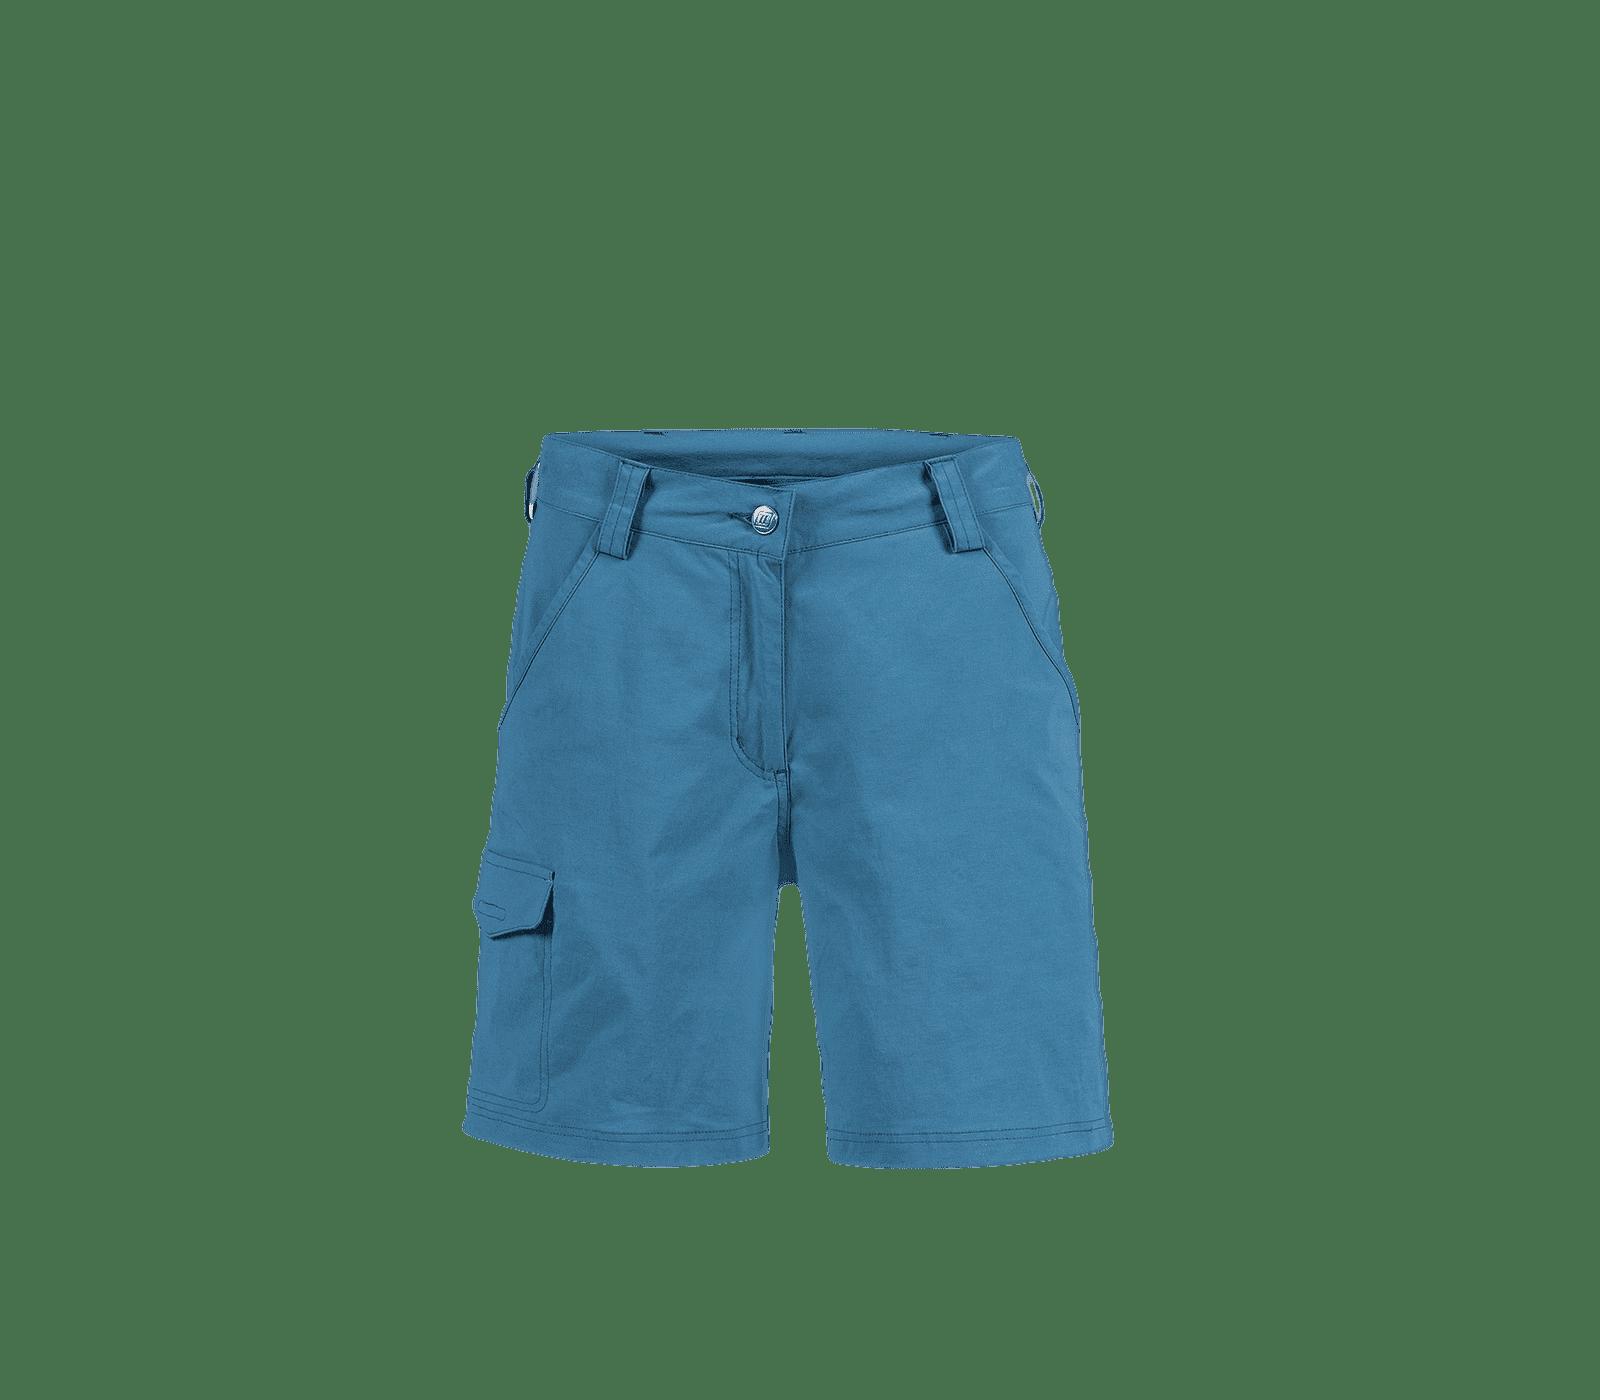 Short jaylinn